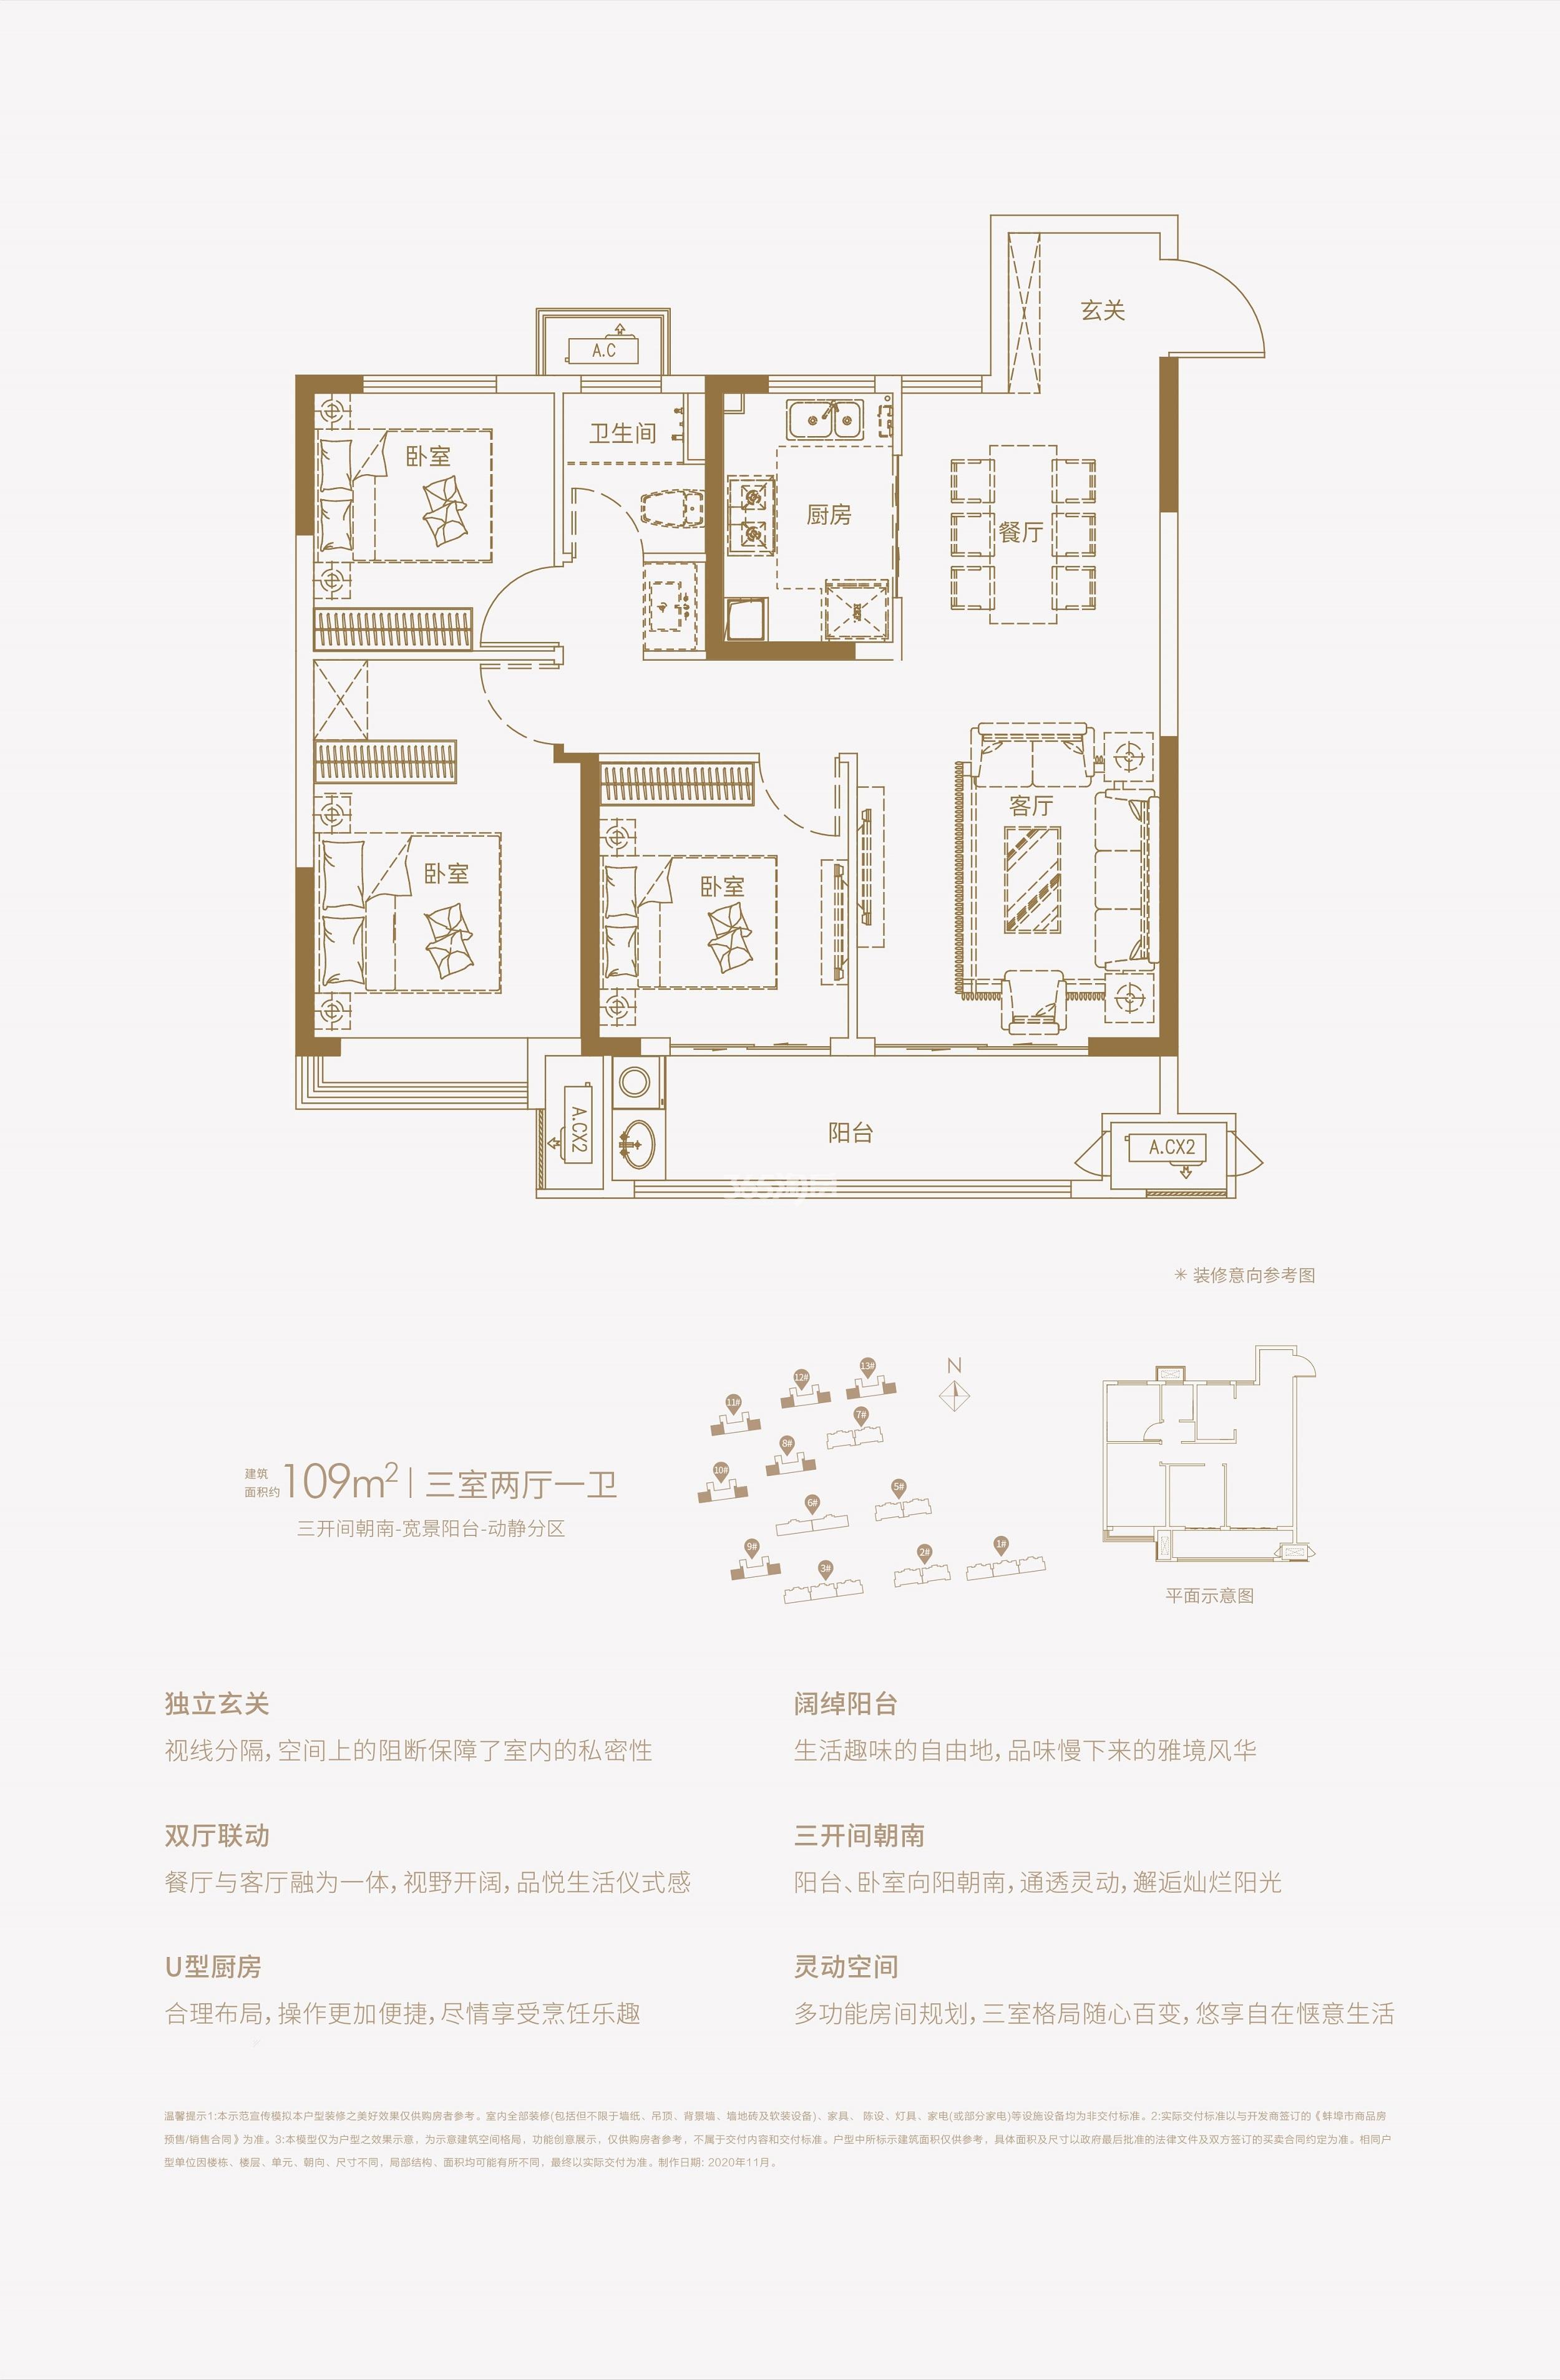 新城怡康时光印象 建面约109㎡ 高层户型 202101